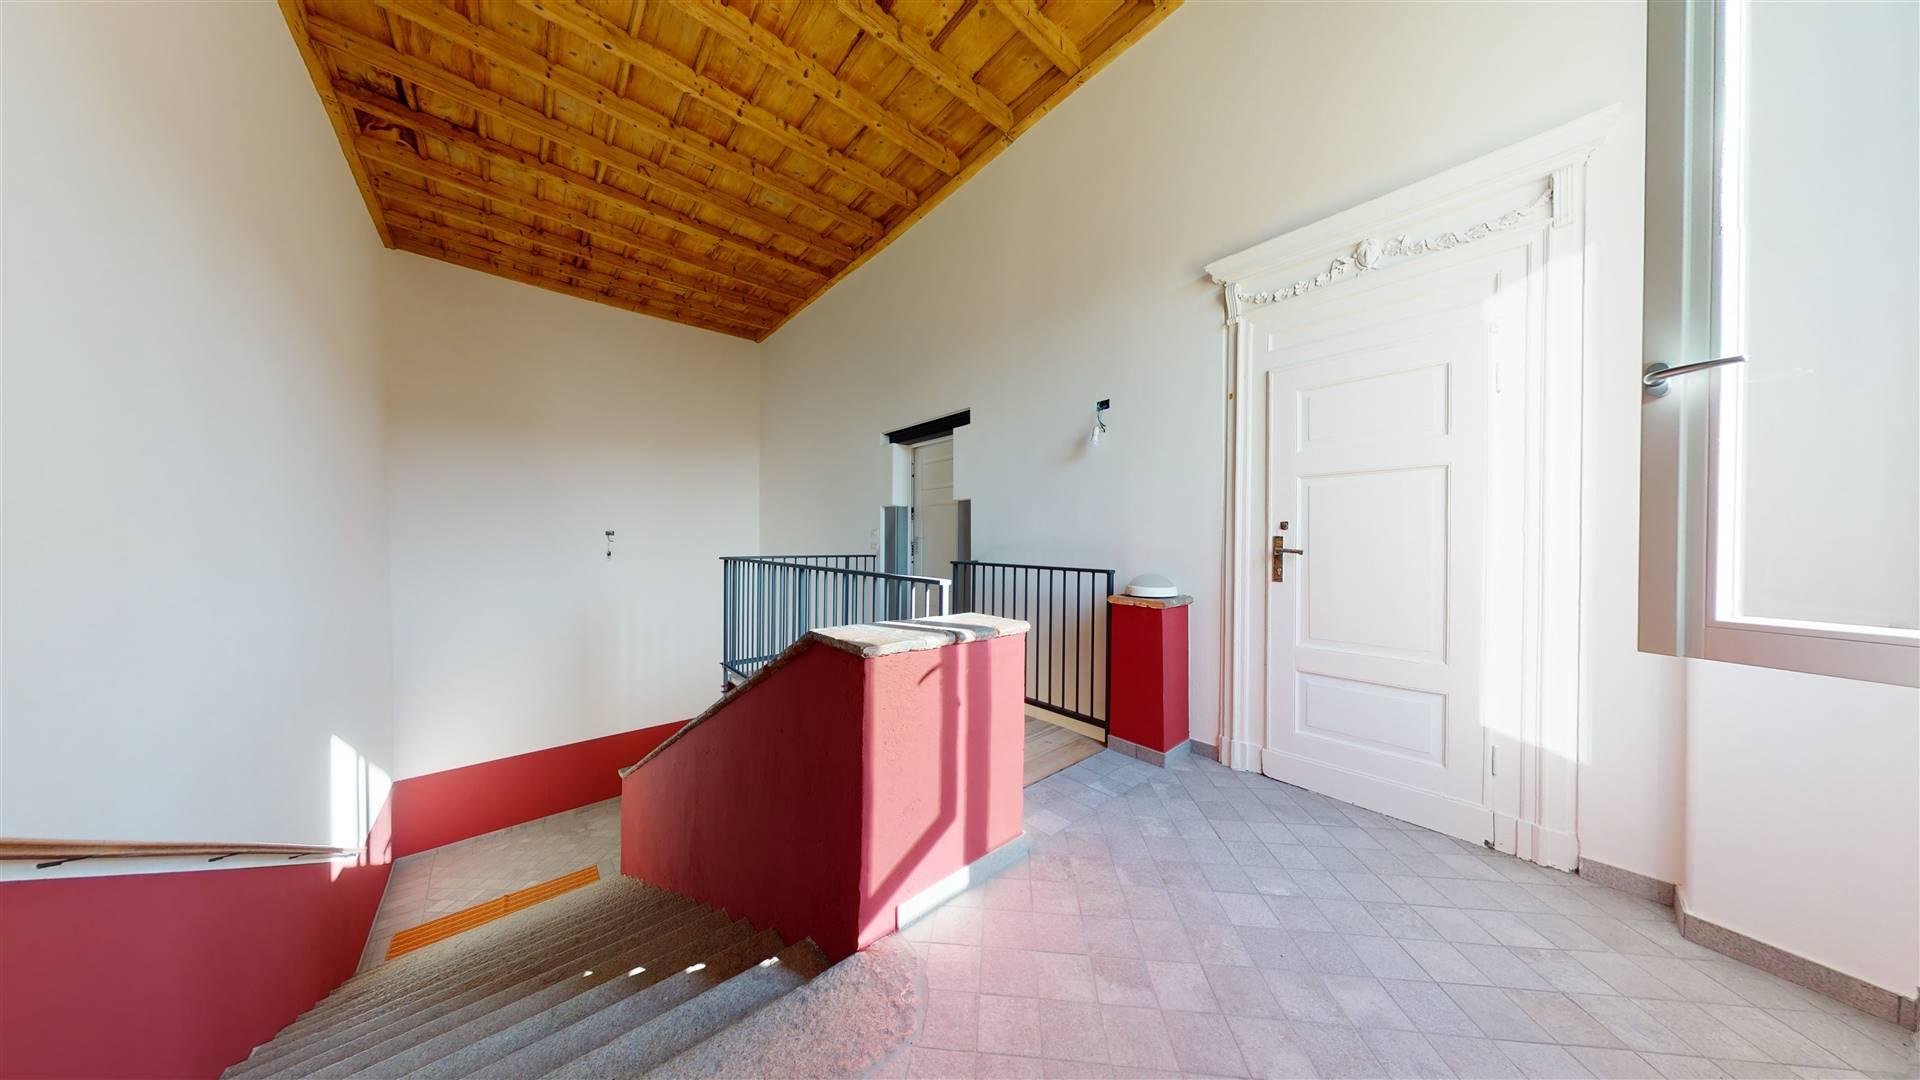 Appartamento in vendita a Gessate, 3 locali, prezzo € 293.000 | PortaleAgenzieImmobiliari.it